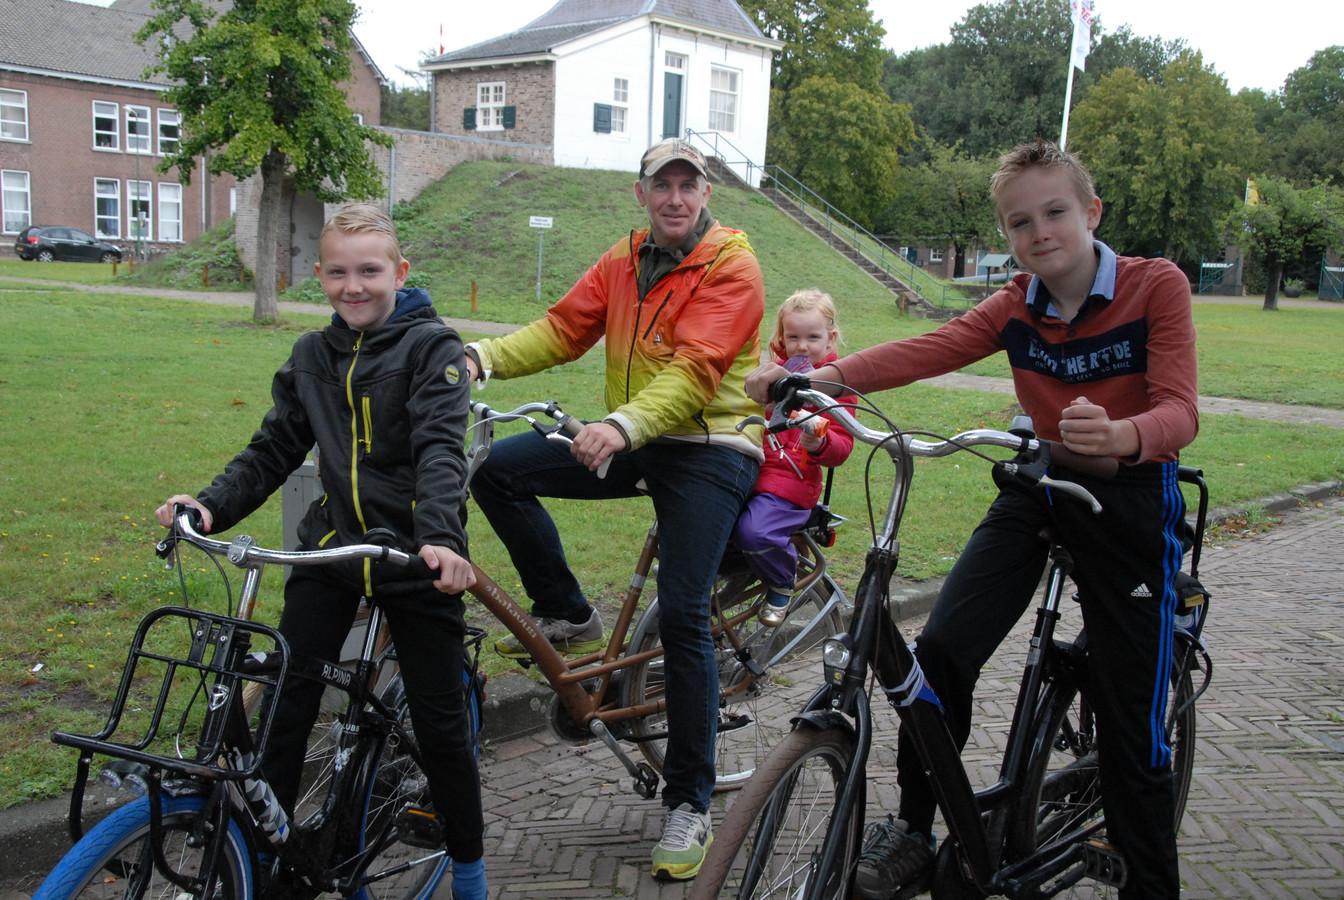 De familie De Laat heeft zich na een intermezzo bij Fort Isabella weer helemaal opgeladen voor het vervolg van de fietstocht.